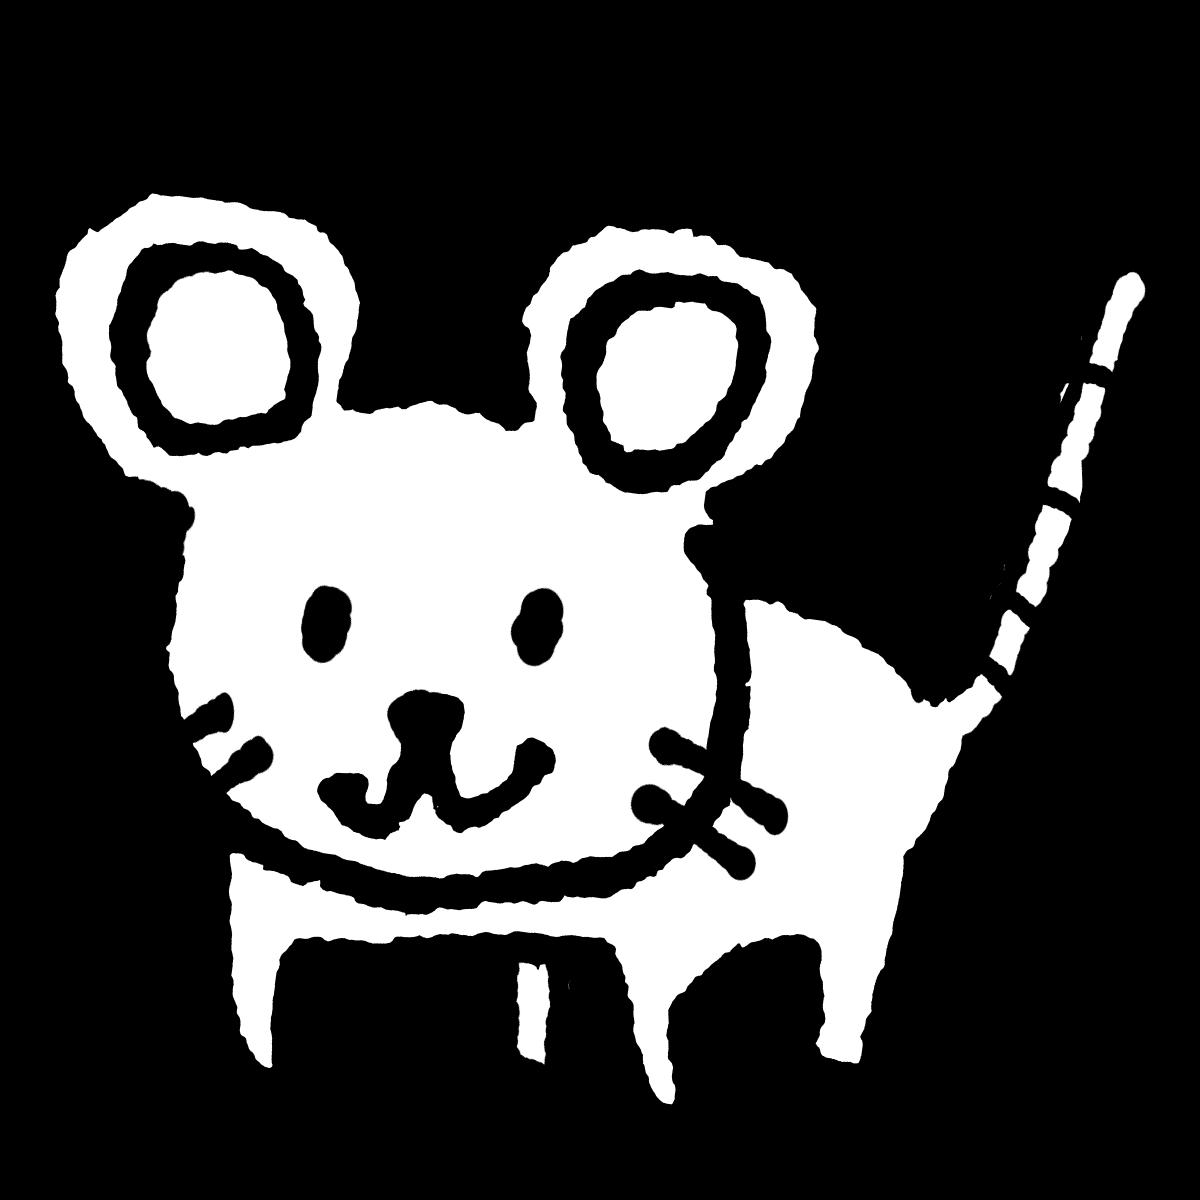 立つネズミ2のイラスト Standing mouse 2  Illustration